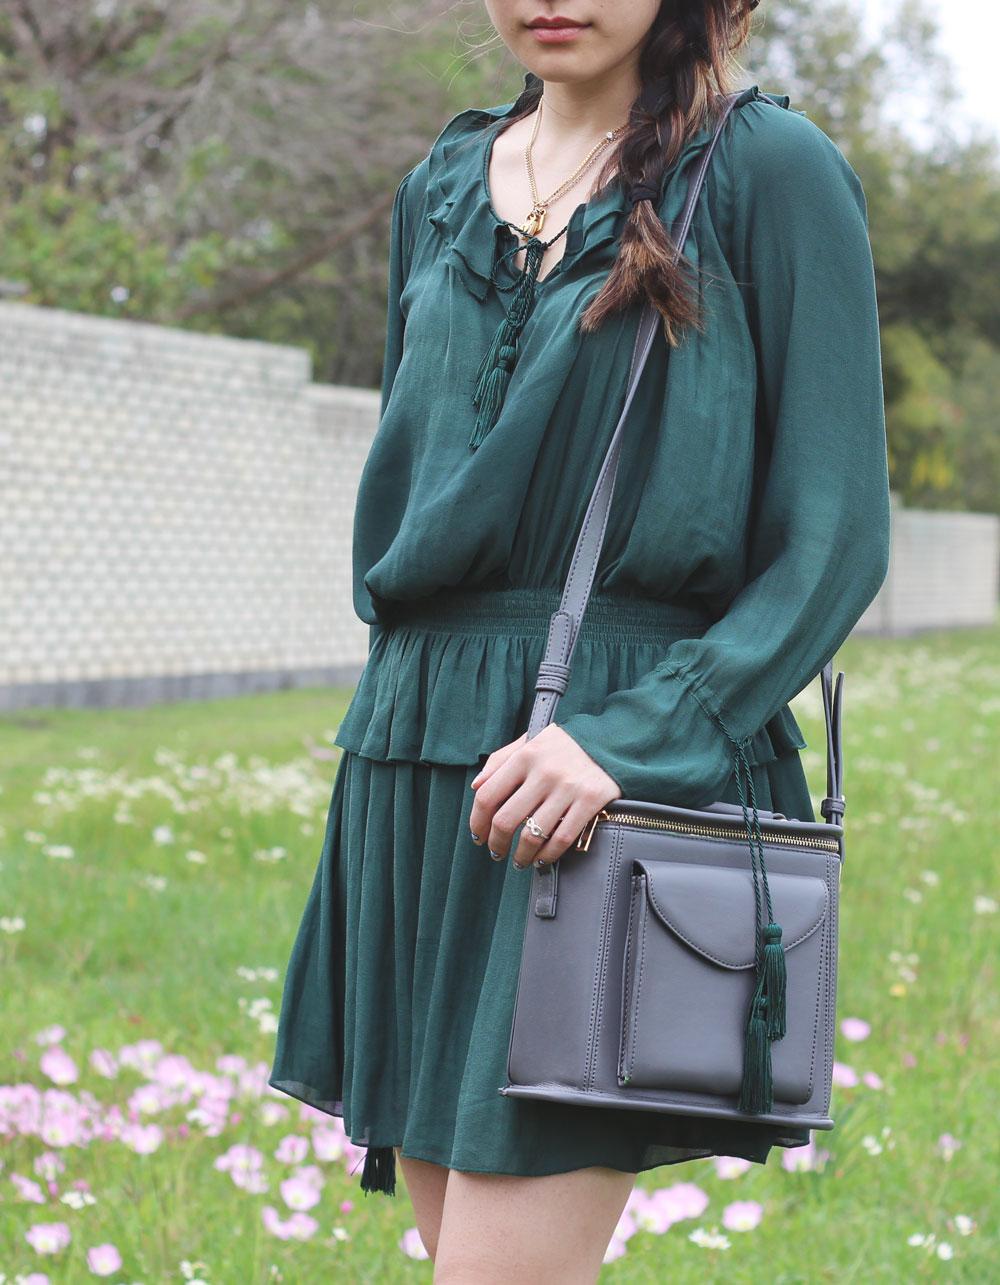 Green mini peplum dress in flower field